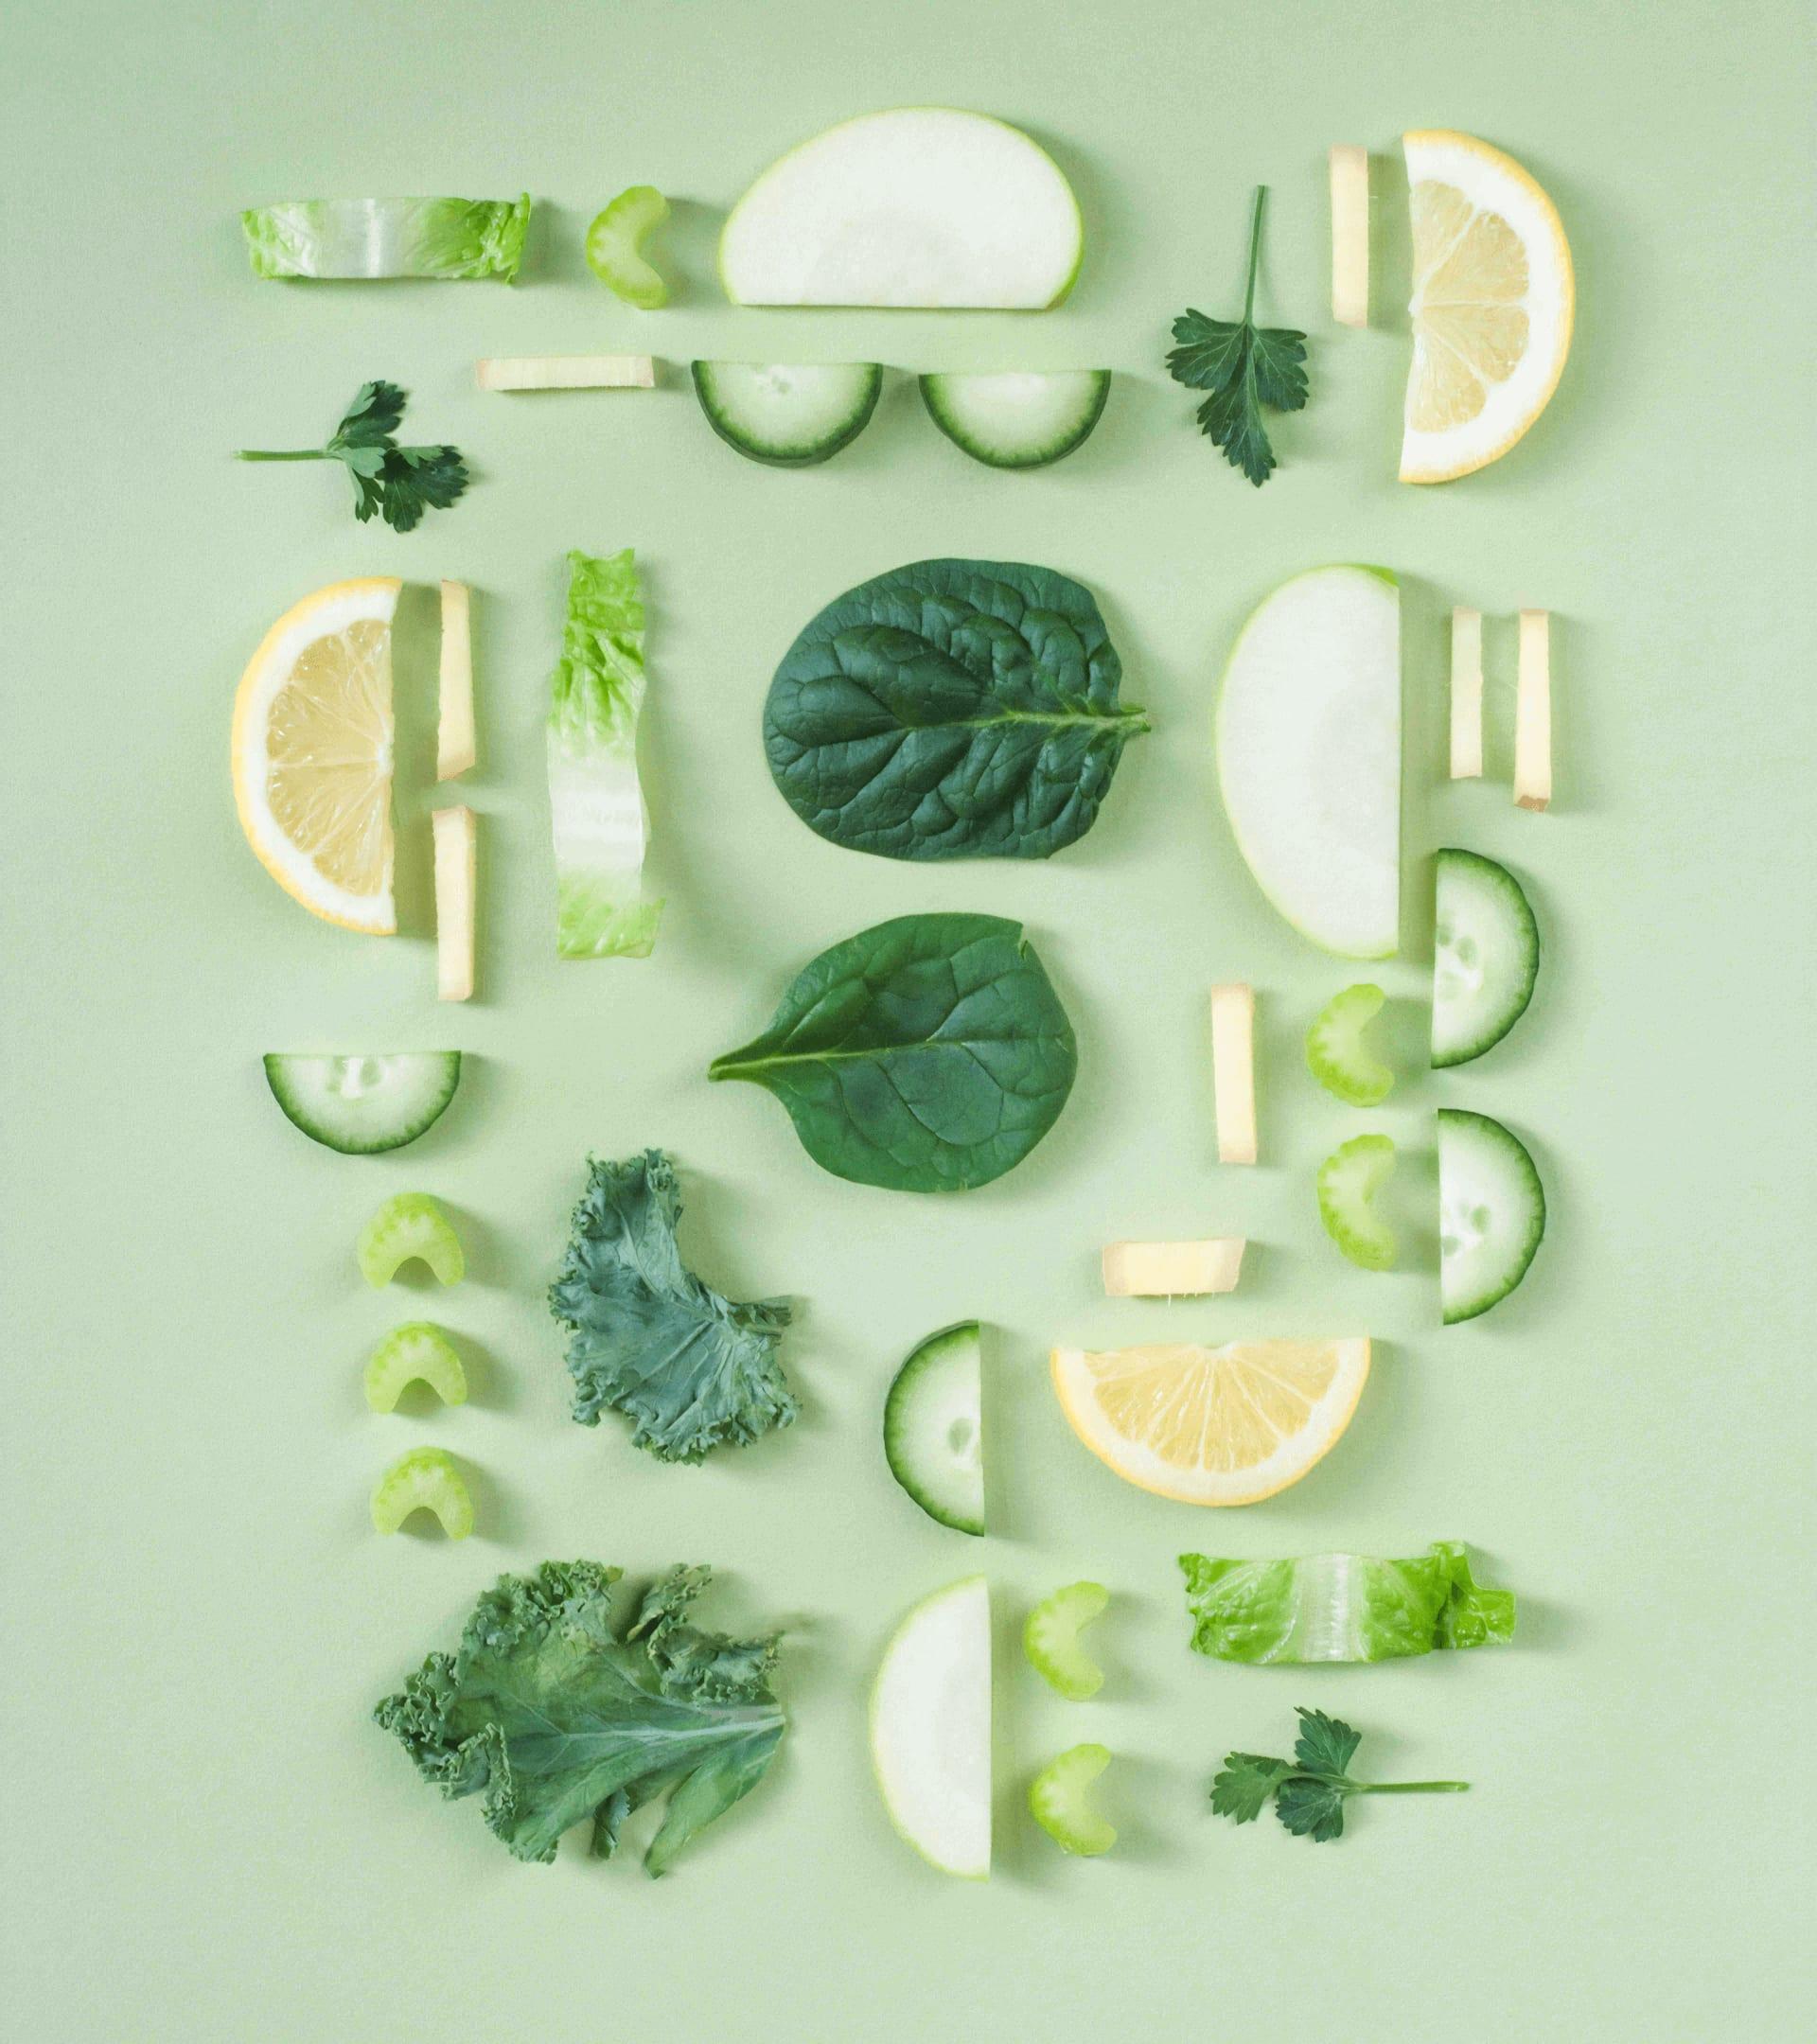 Gesundheitsziel: Ernährung